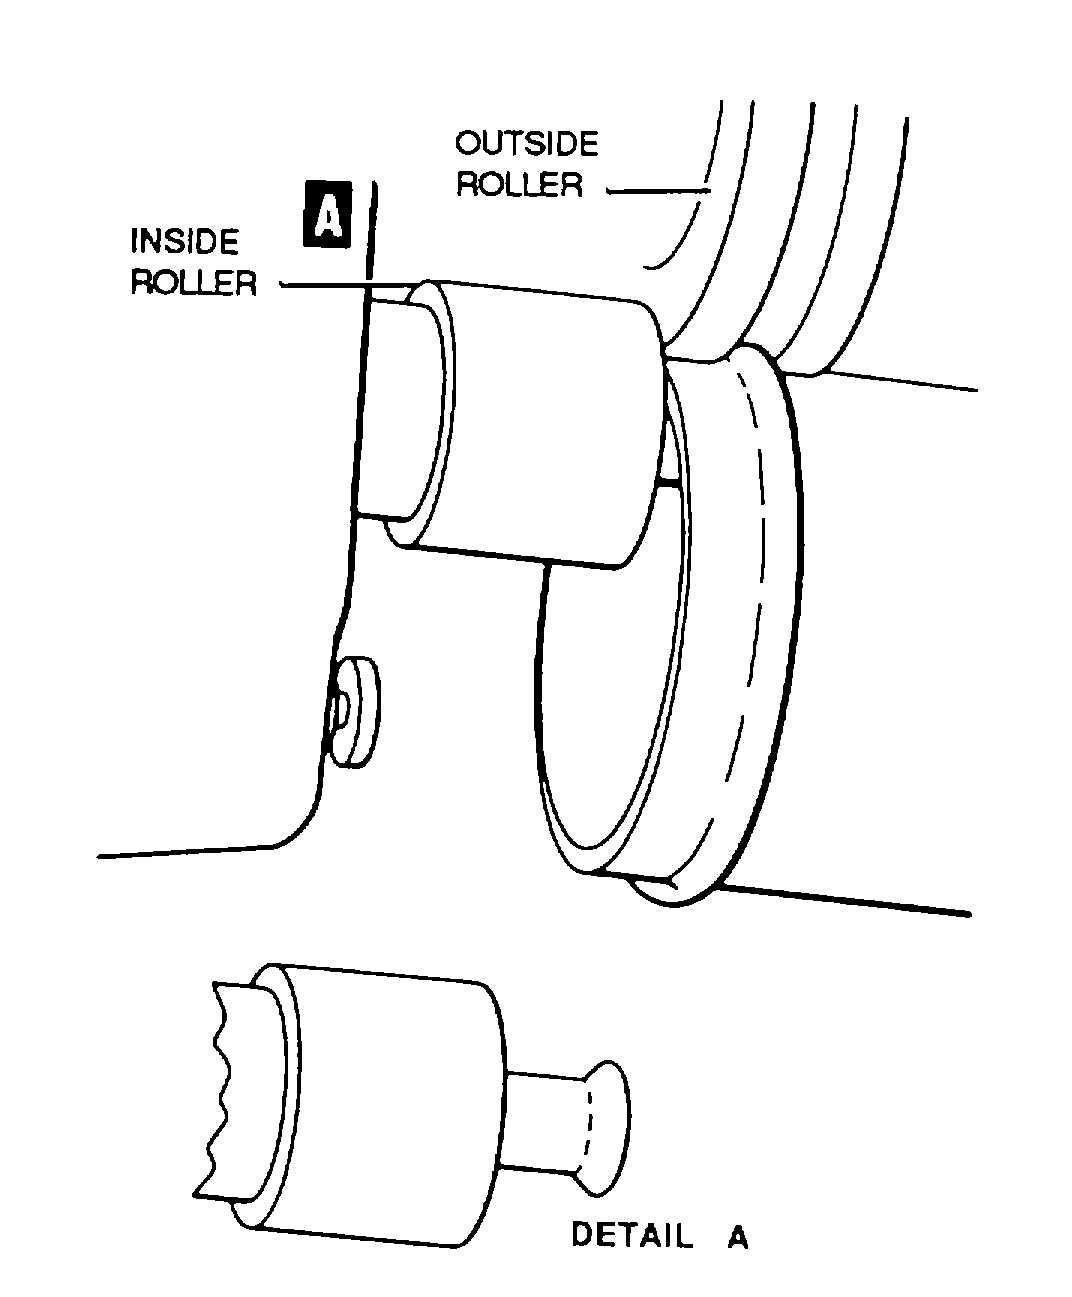 Figure 4-12. Beading Large Tubing